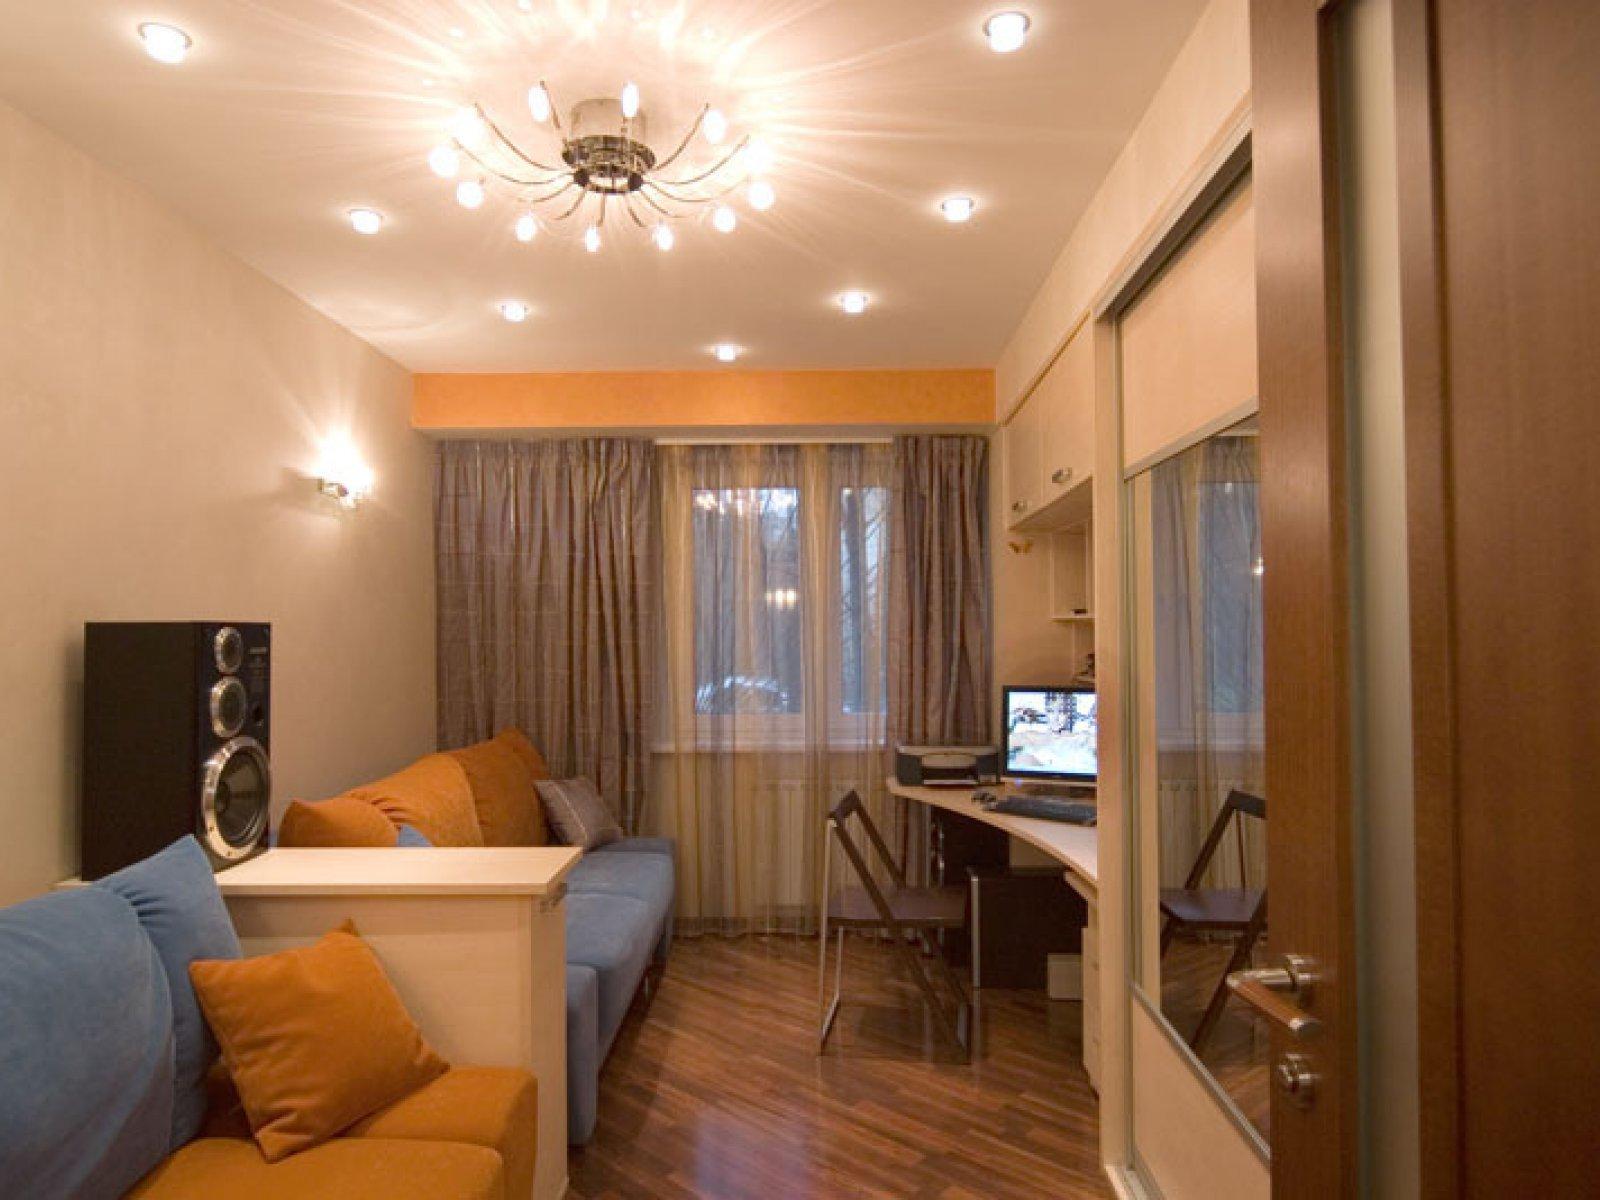 Ремонт в маленькой квартире своими руками фото